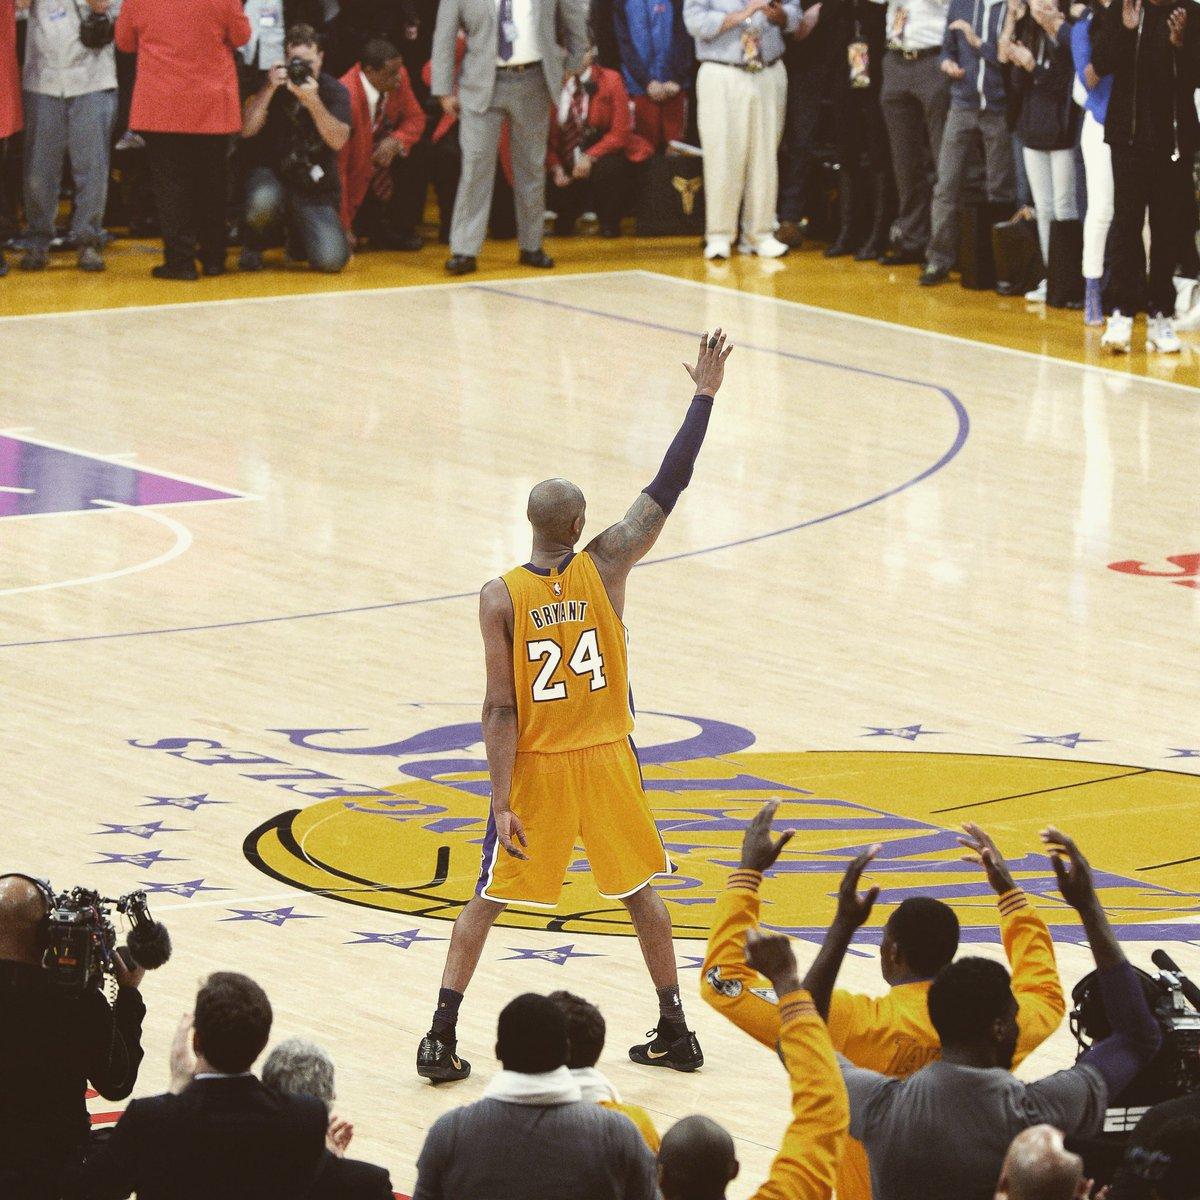 Miss you, Kobe.